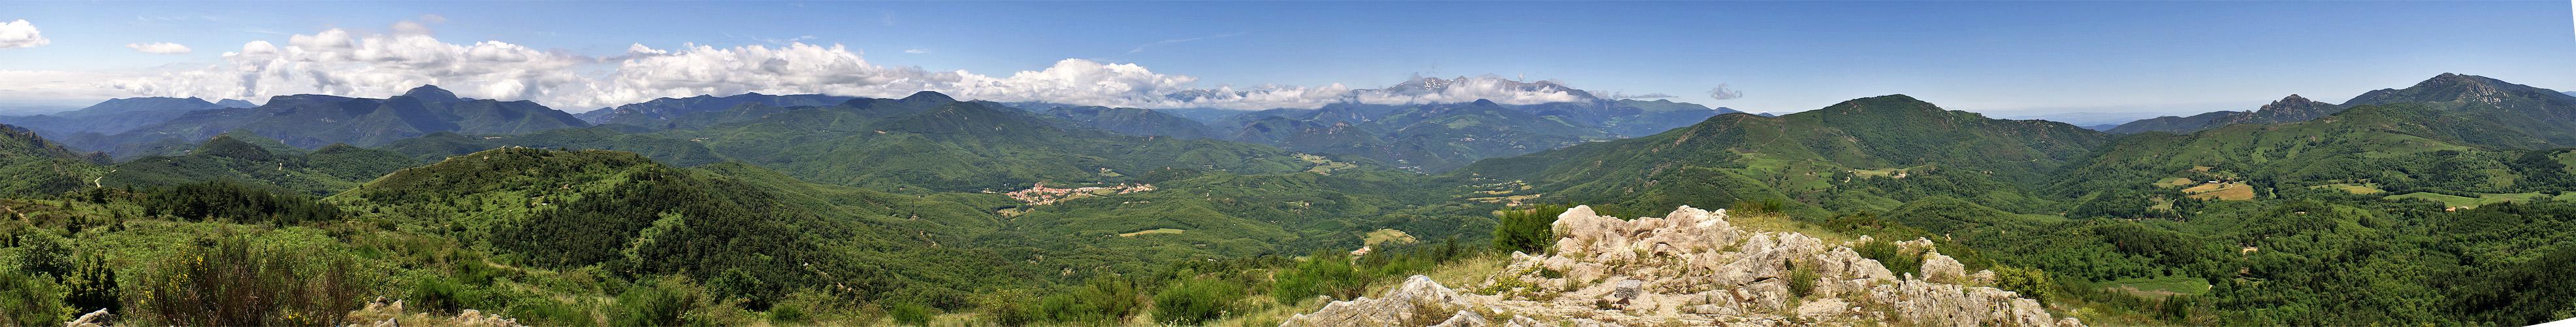 Sehnsucht nach den Pyrenäen